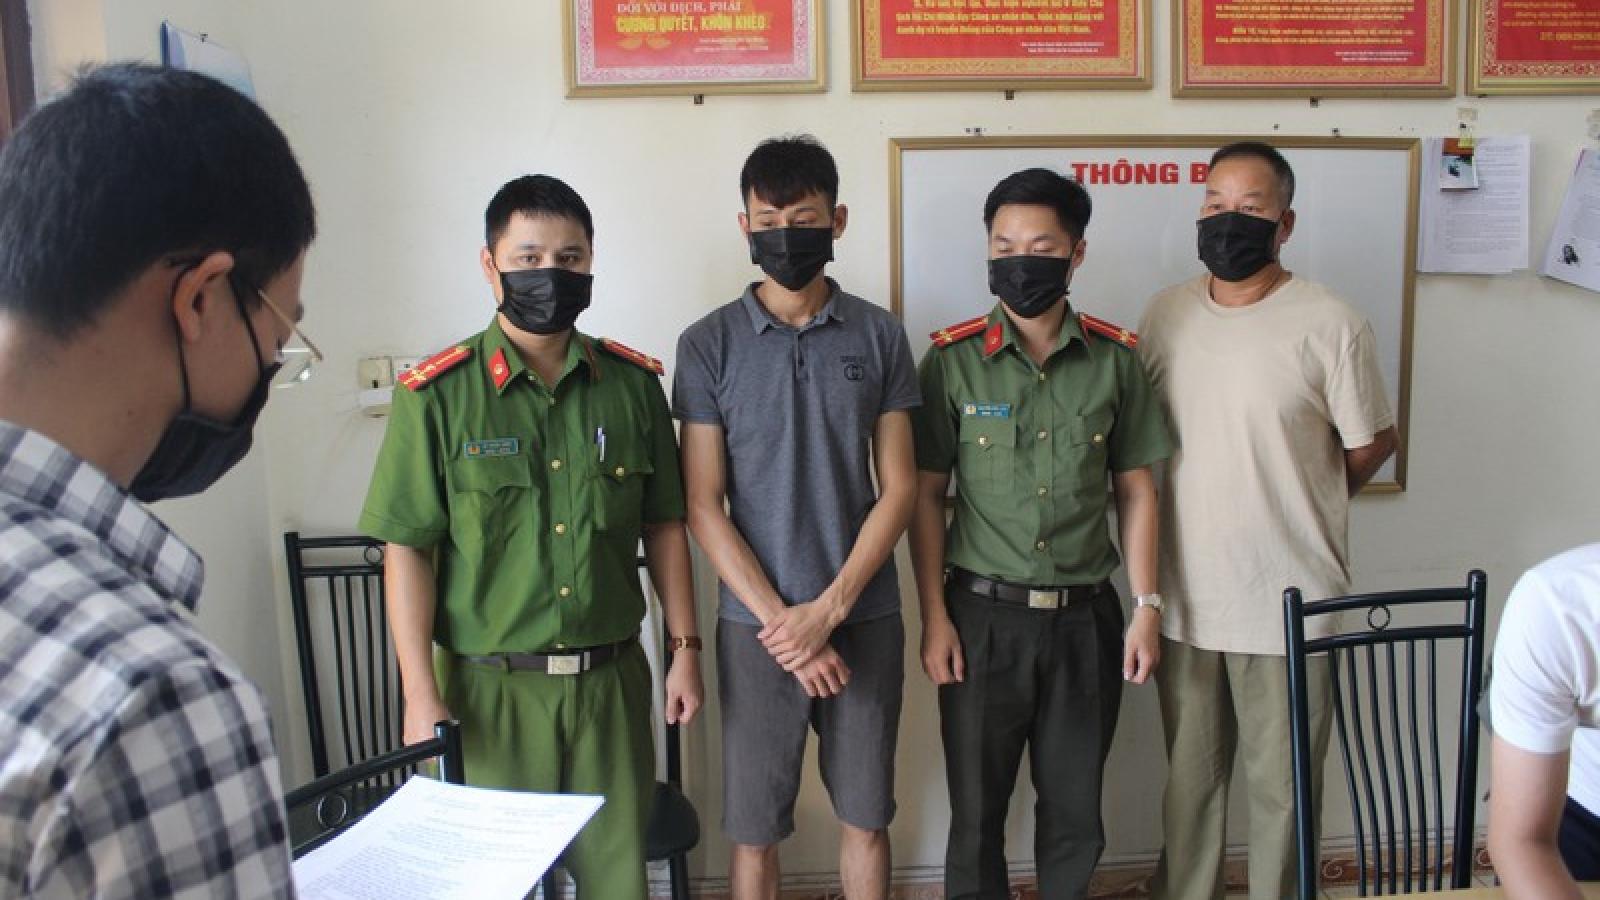 Khởi tố 3 đối tượng tổ chức đưa người nhập cảnh trái phép vào Việt Nam